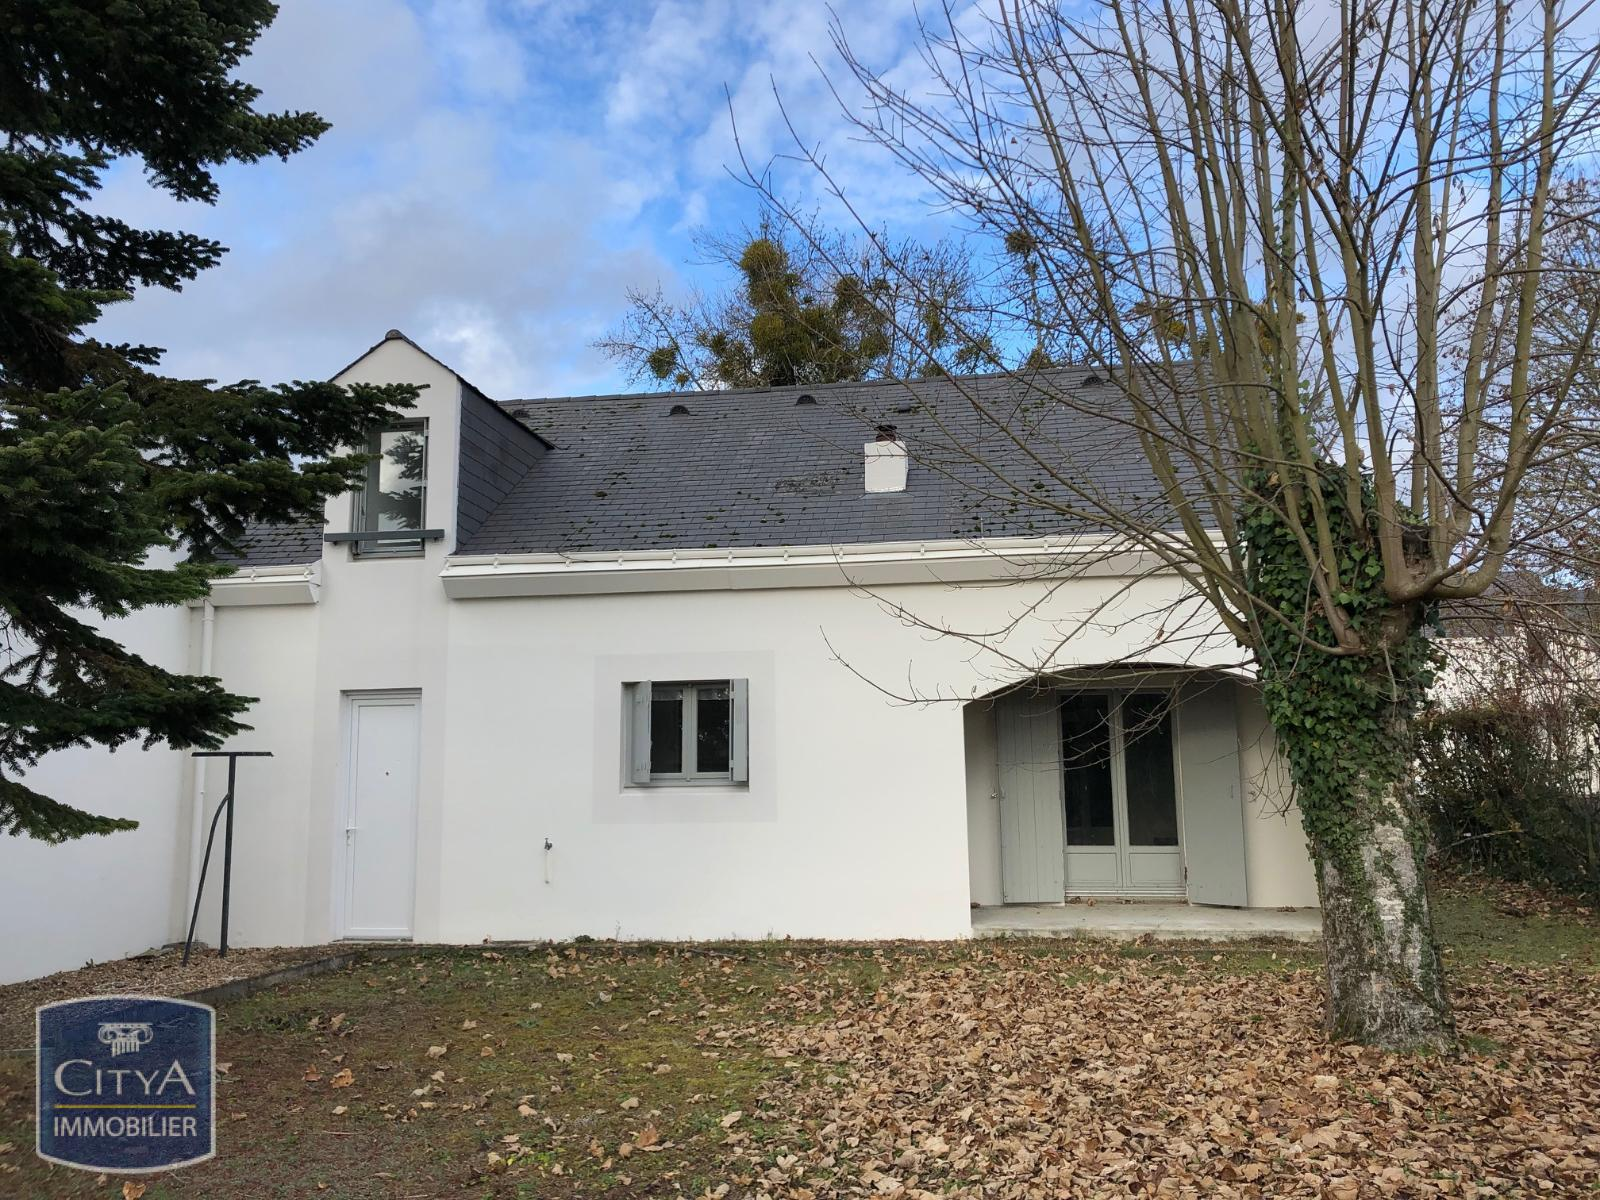 Maison/villa 3 pièces 79 m²